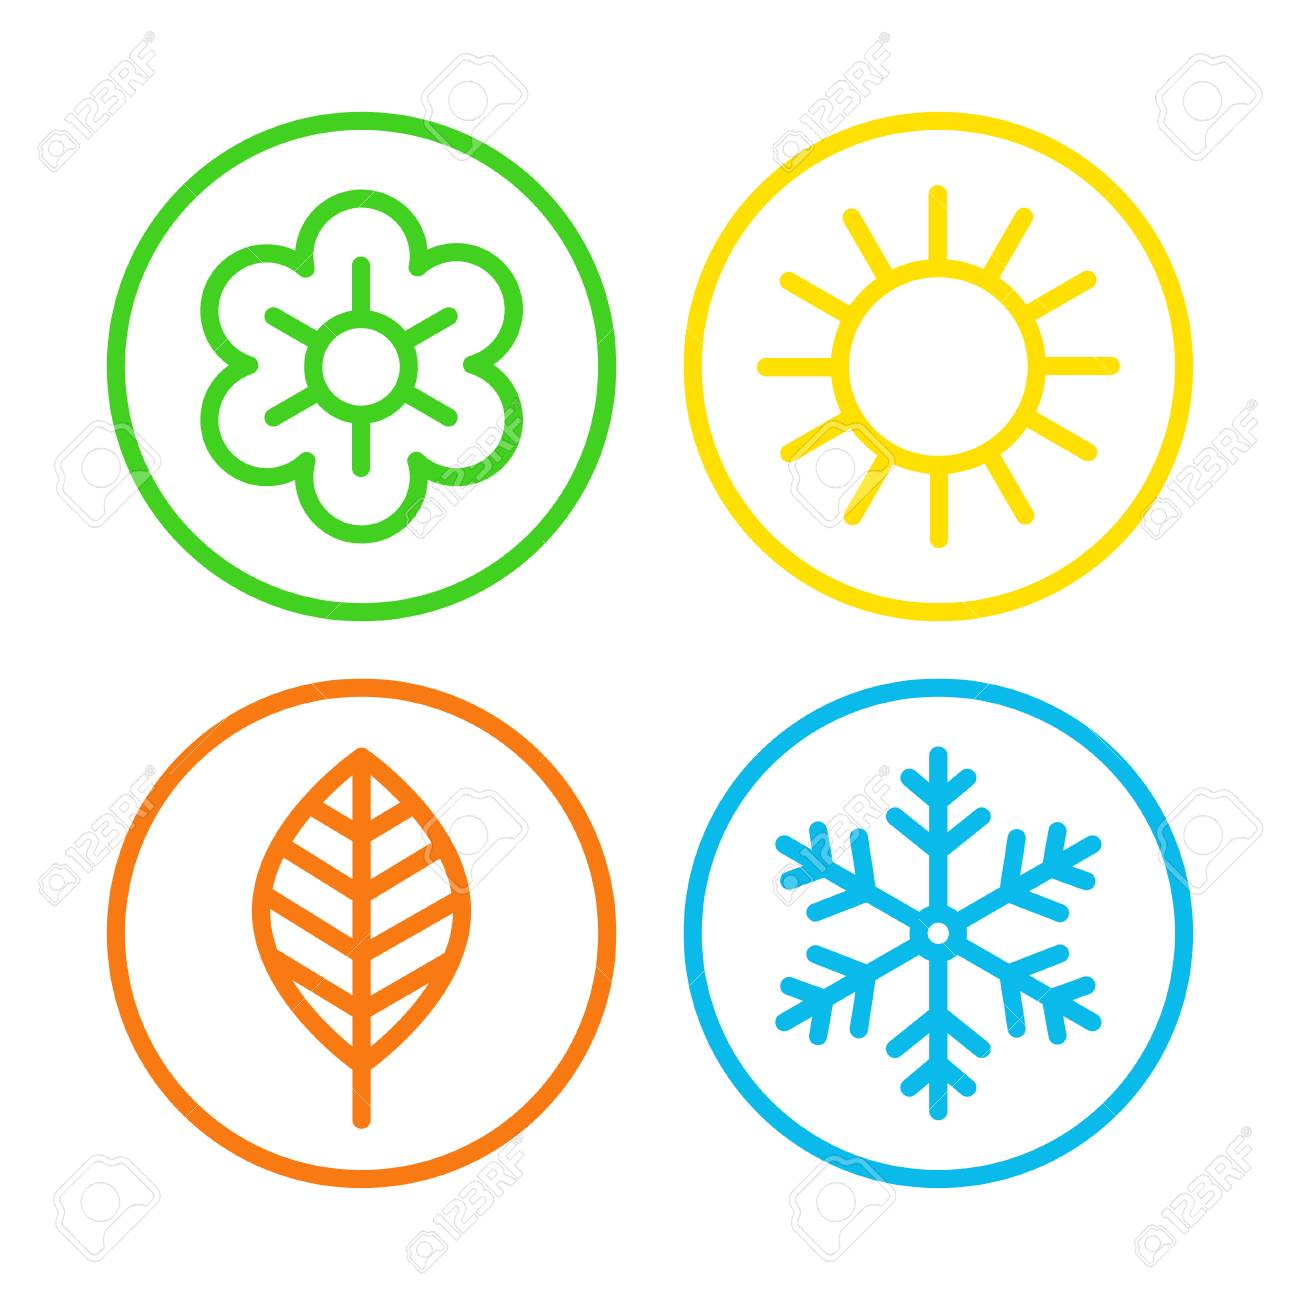 Four seasons icon set. - 88499210